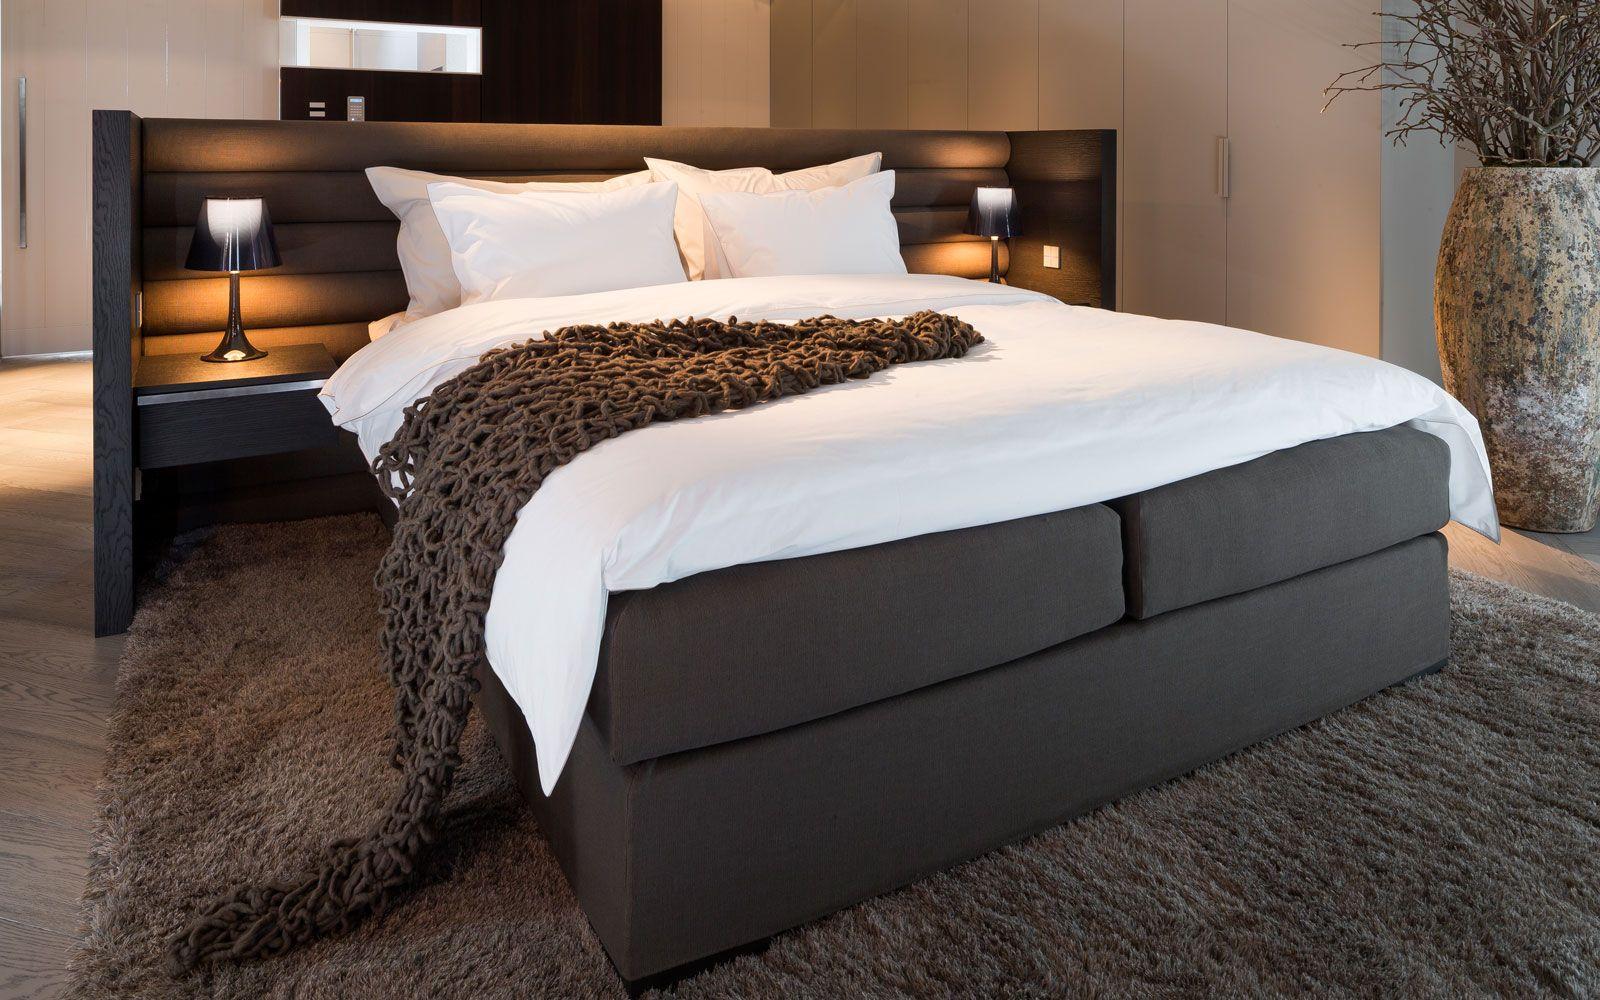 Moderne Slaapkamer Ontwerpen : Moderne villa master bedroom villas and bedrooms